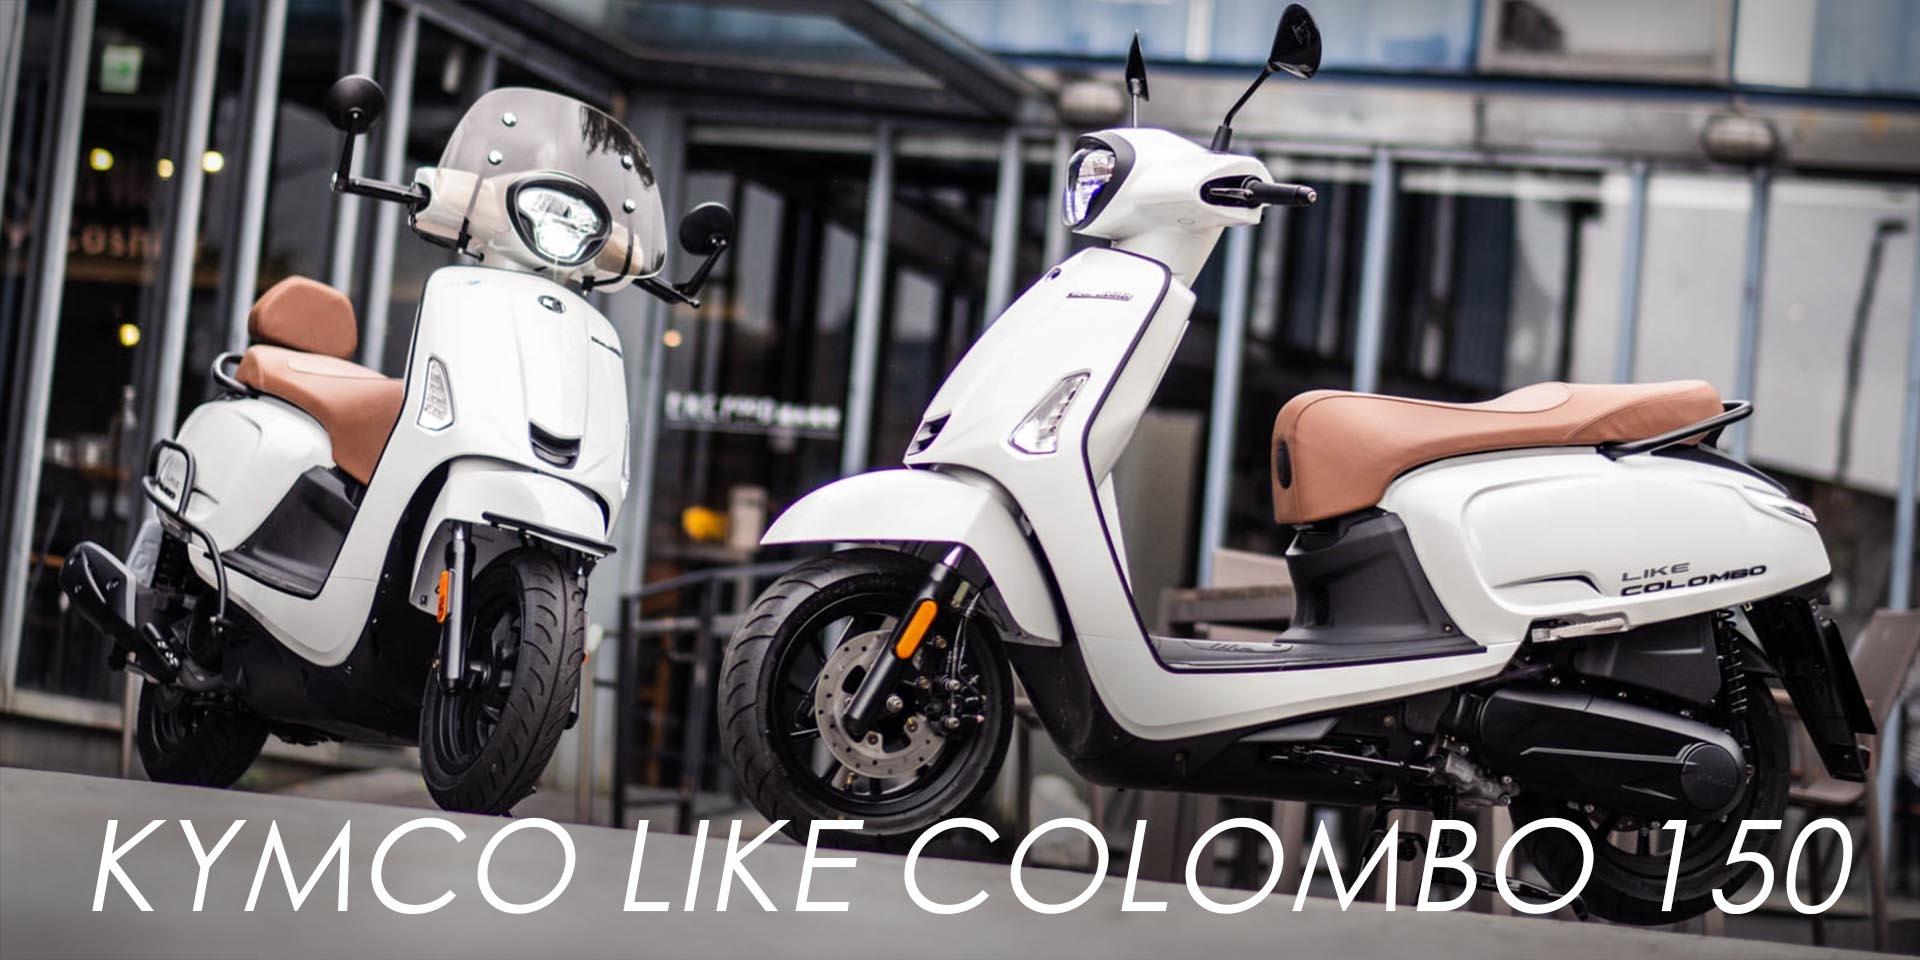 有顏值又有性能!KYMCO LIKE COLOMBO 150 藏不住的運動靈魂